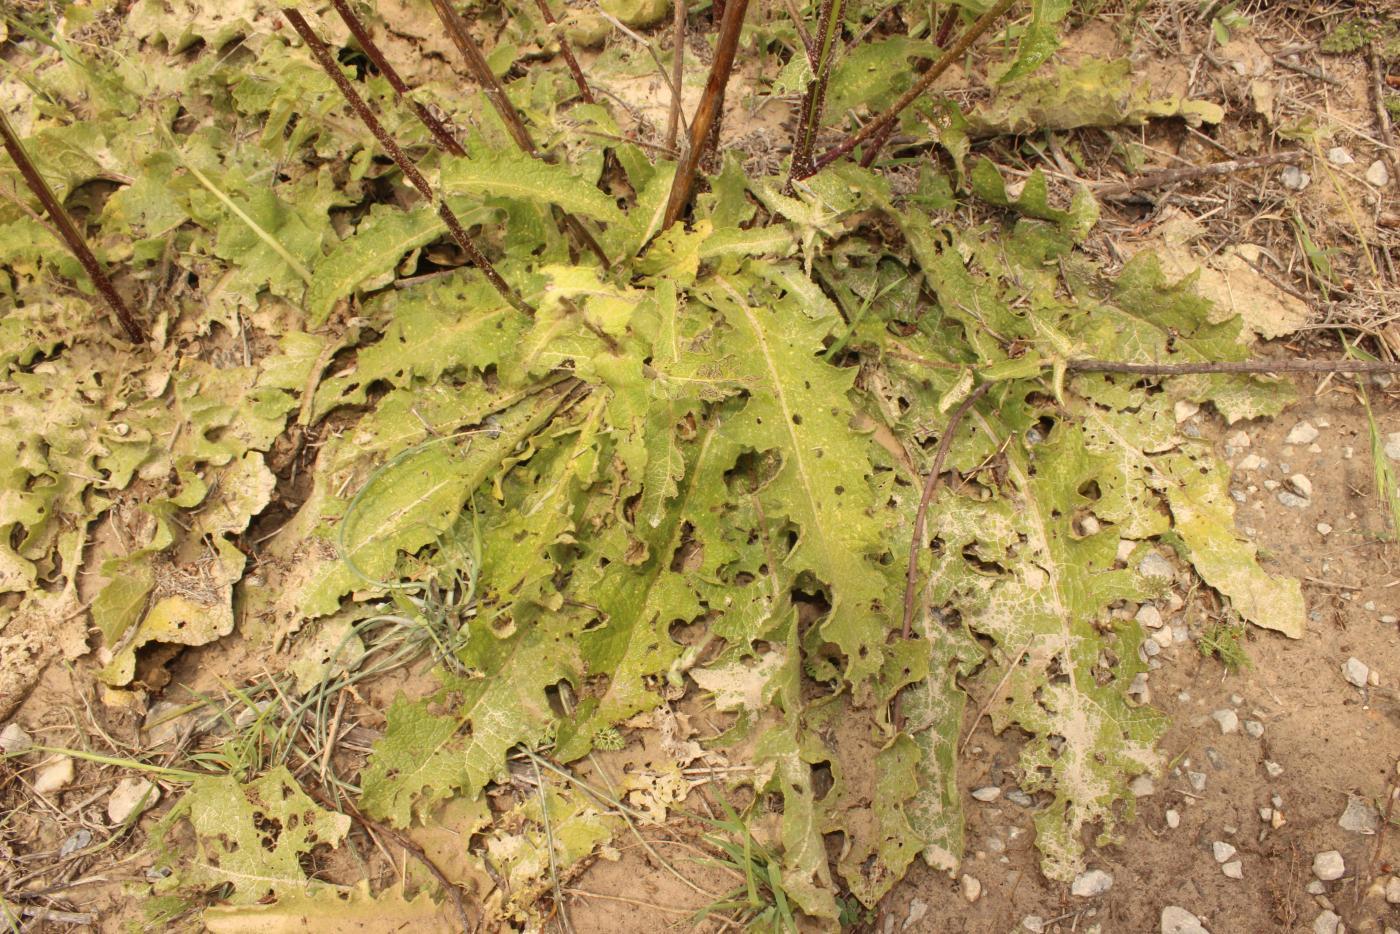 IMG_0495_plant_leaves.JPG - кликните, чтобы открыть увеличенную картинку